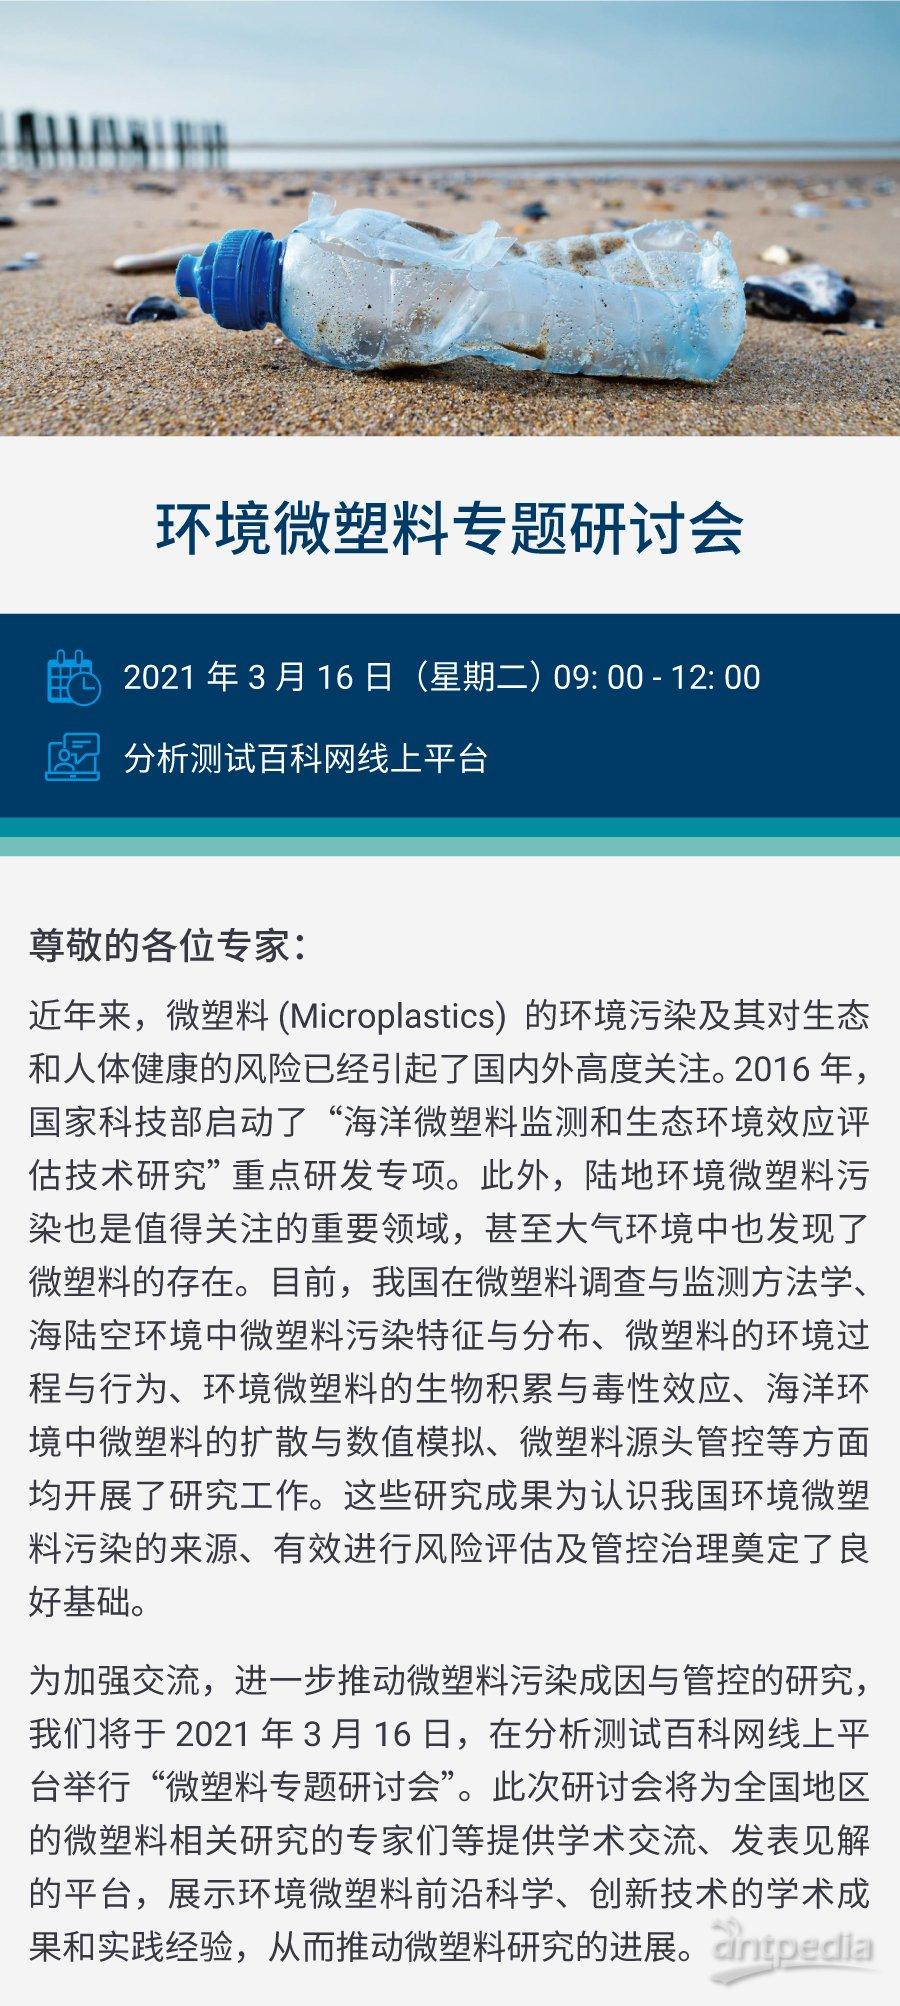 环境微塑料专题研讨会-微信_01.jpg